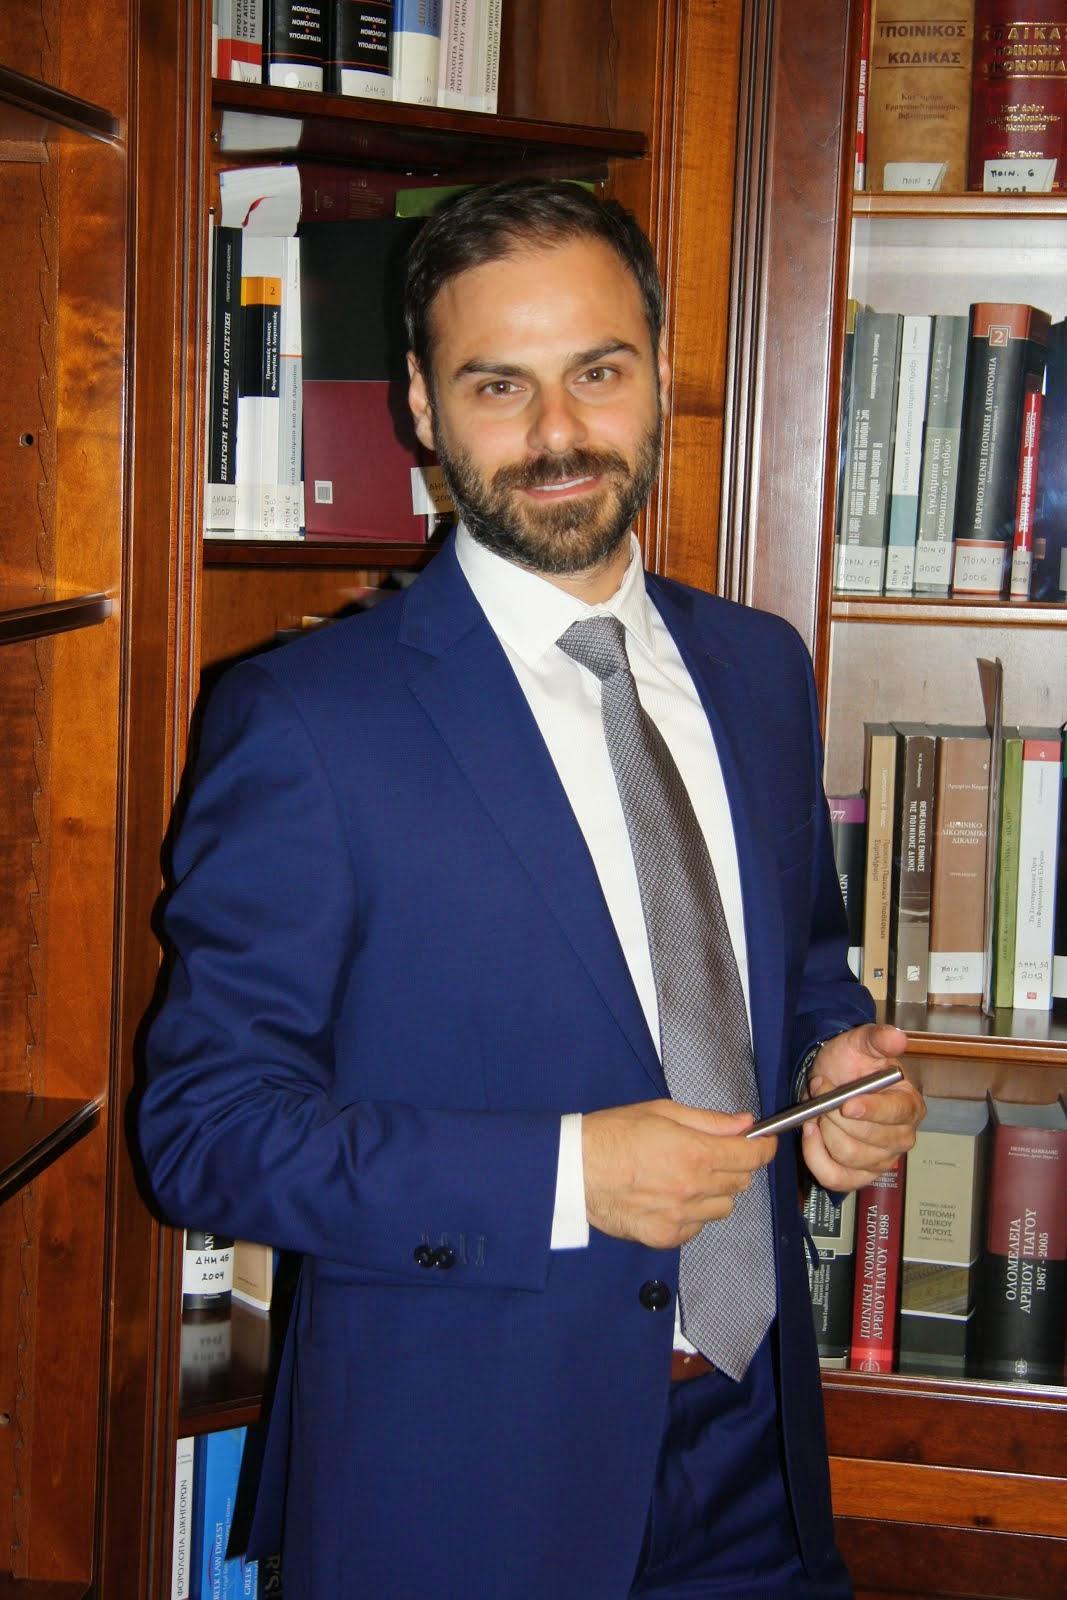 ΑΜΕΣΗ ΕΠΙΚΟΙΝΩΝΙΑ:  2103000748,     email: drososlaw@gmail.com, Διεύθυνση: Δημητσάνας 42, Αθήνα